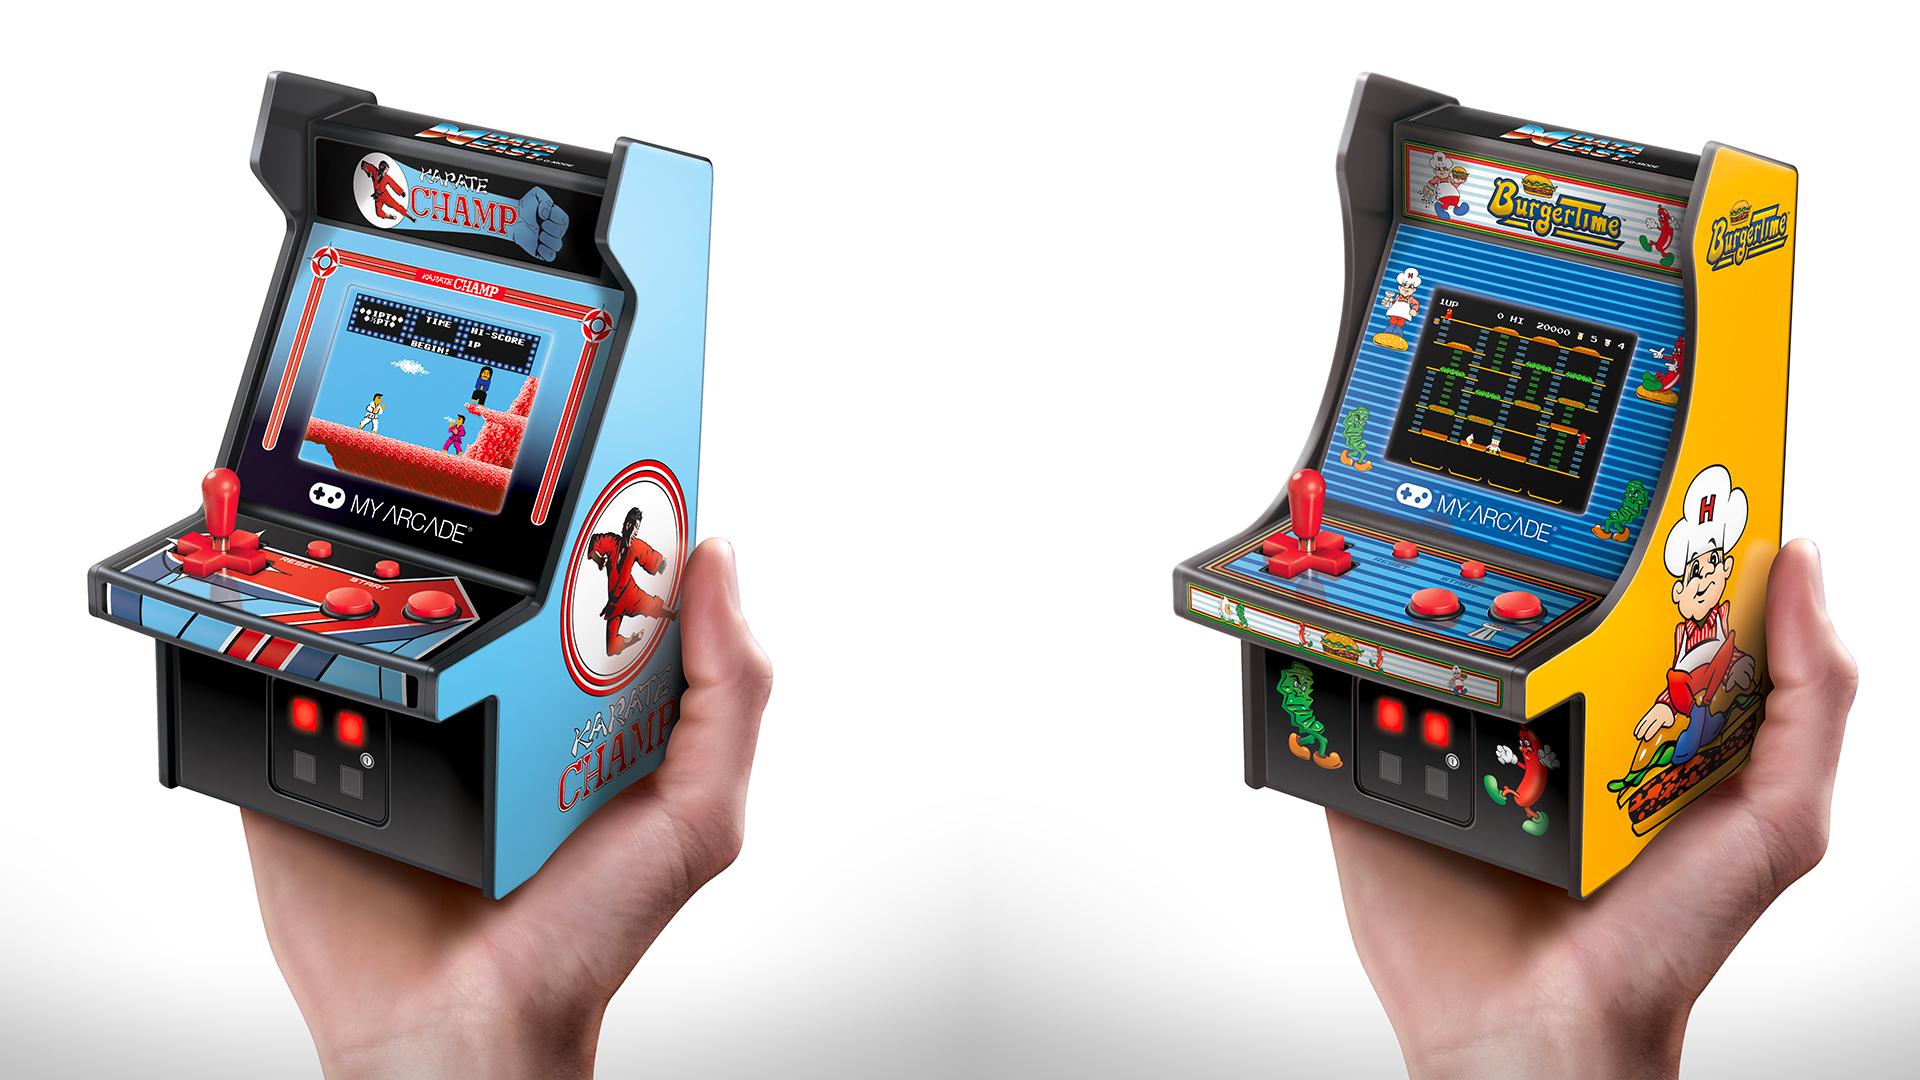 Abbiamo provato i nuovi micro cabinati My Arcade: Burger Time e Karate Champ